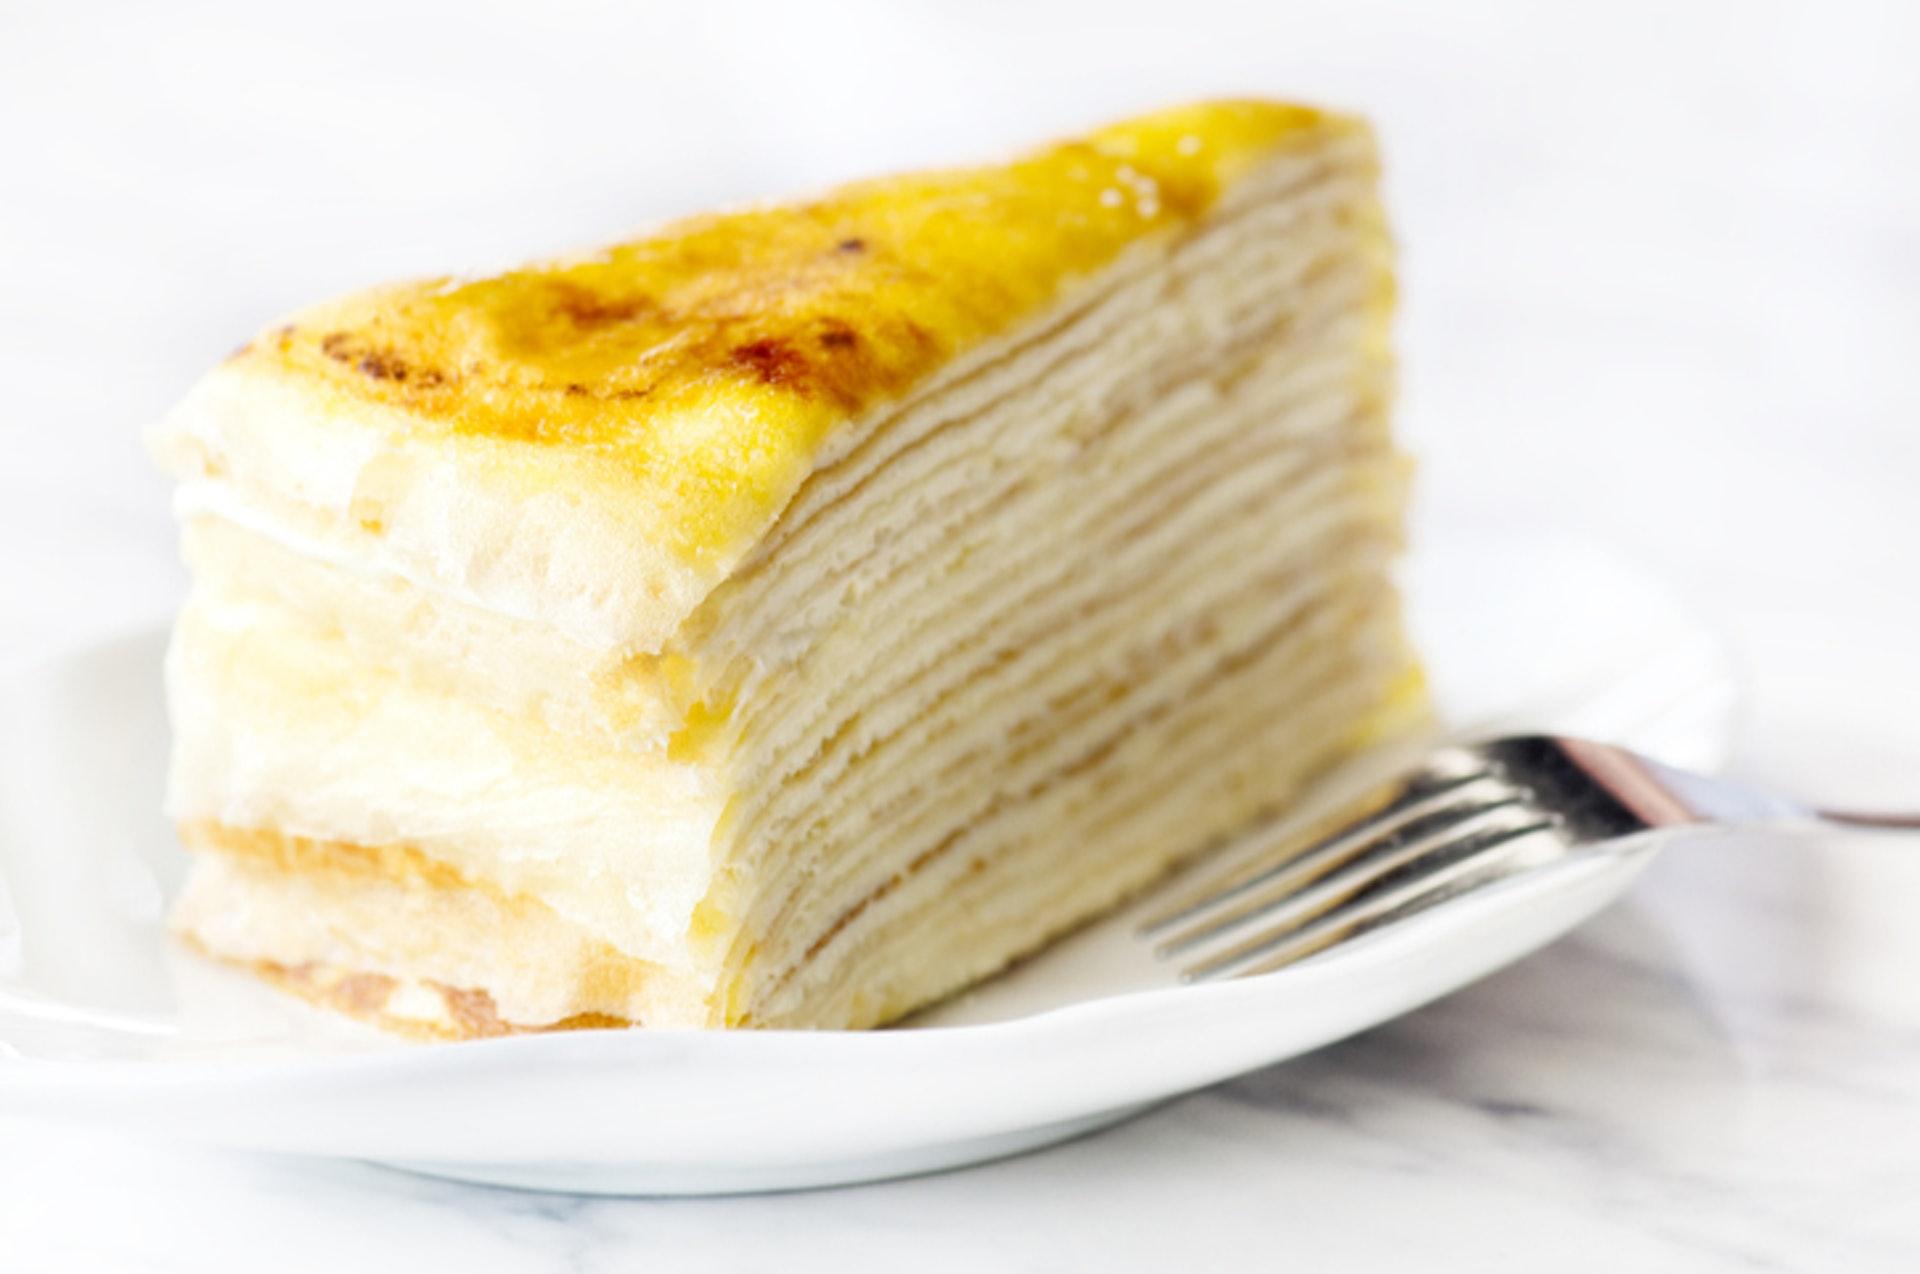 3.【忌廉千層蛋糕】 千層蛋糕每一層都有忌廉,加上班戟皮用油煎過,含較高飽和脂肪,經常食用會增加患上心血管疾病的風險。(GettyImages/VCG)